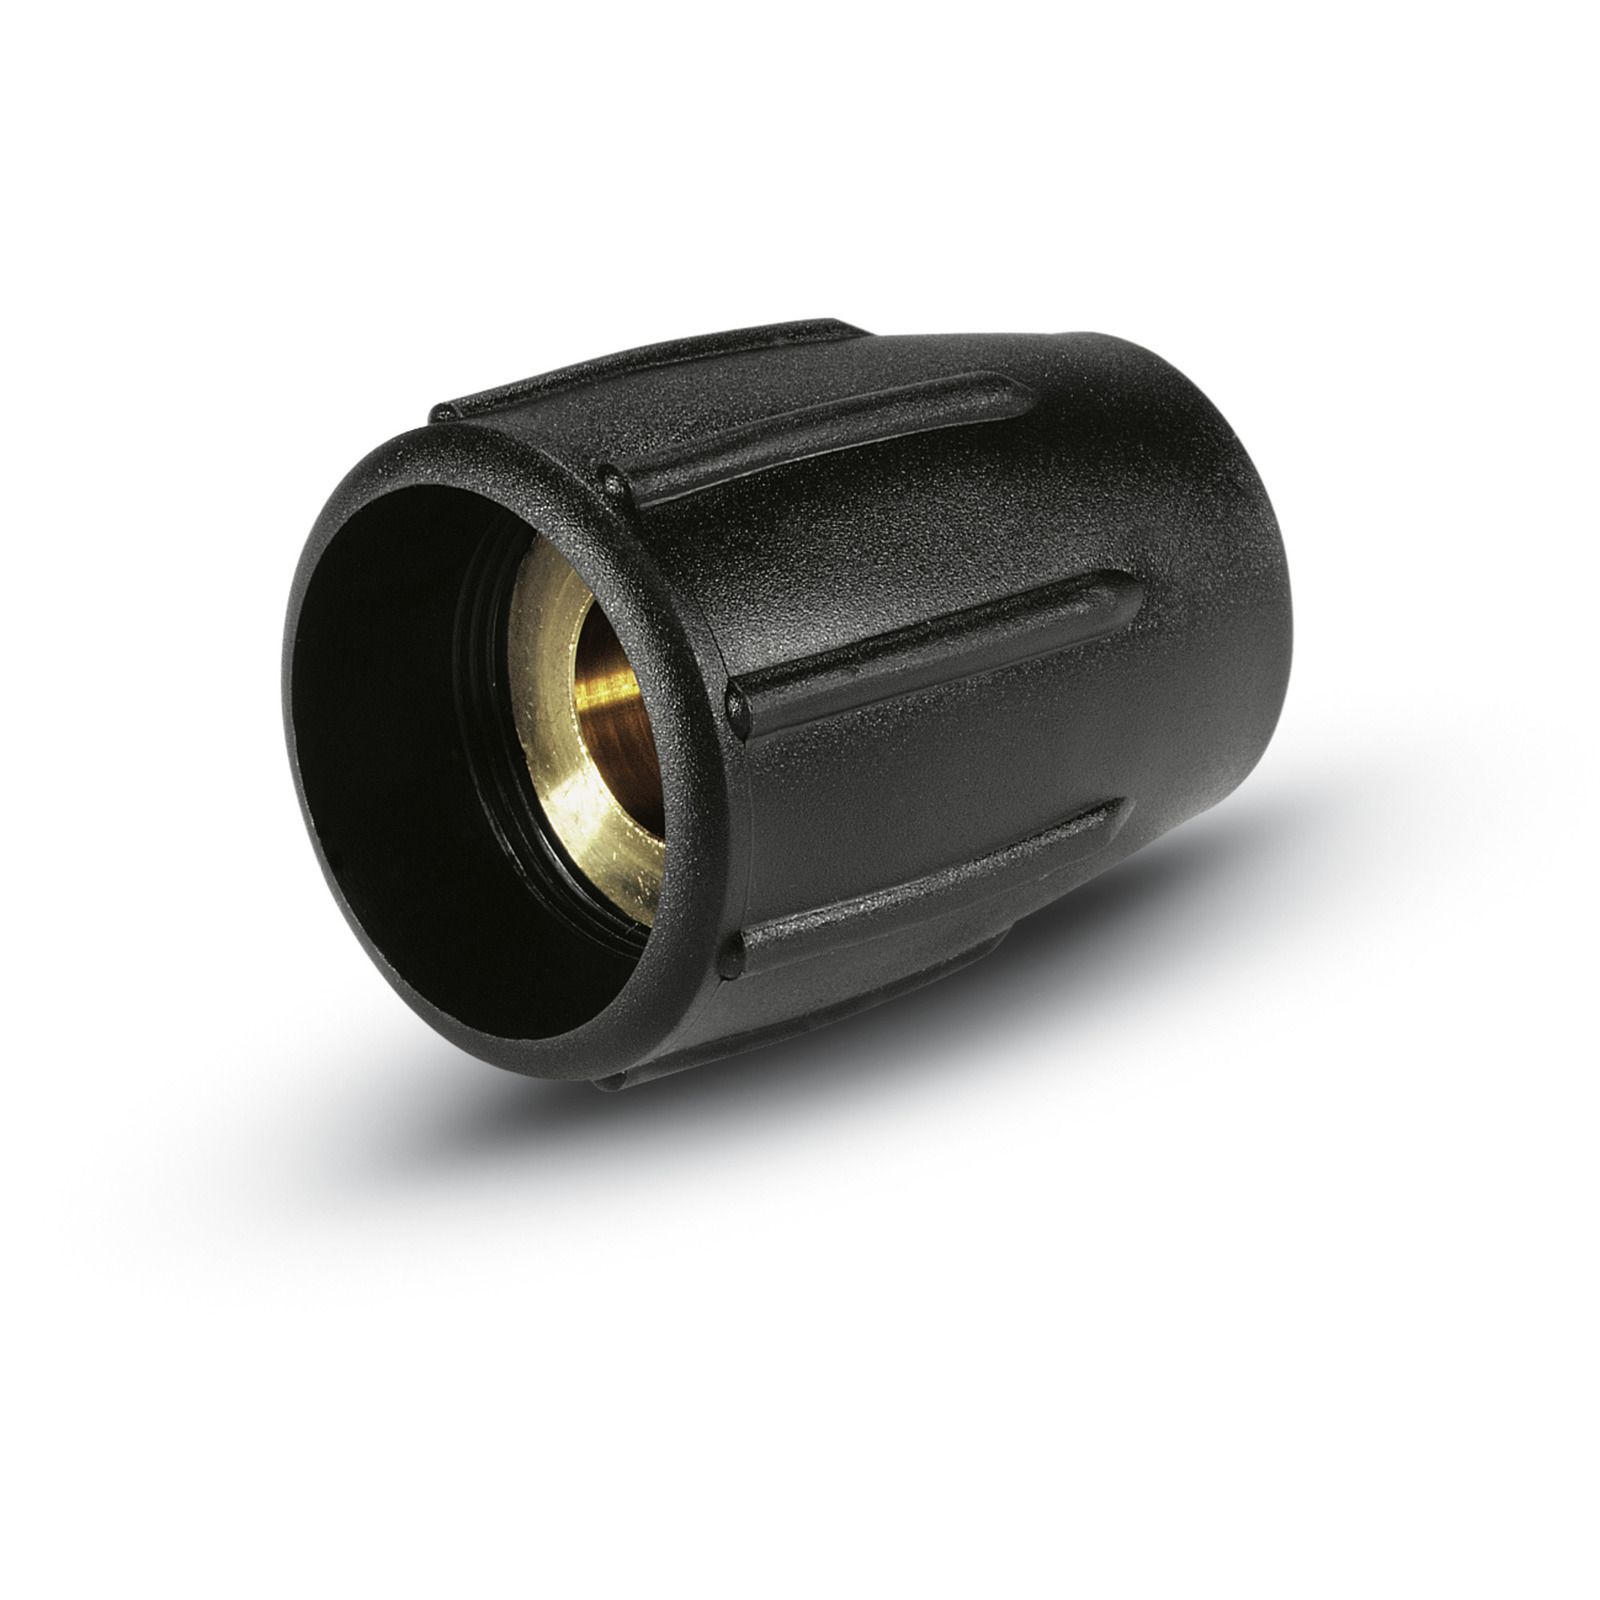 Porca Capa para Lavadoras HD 585 Karcher - 54012100